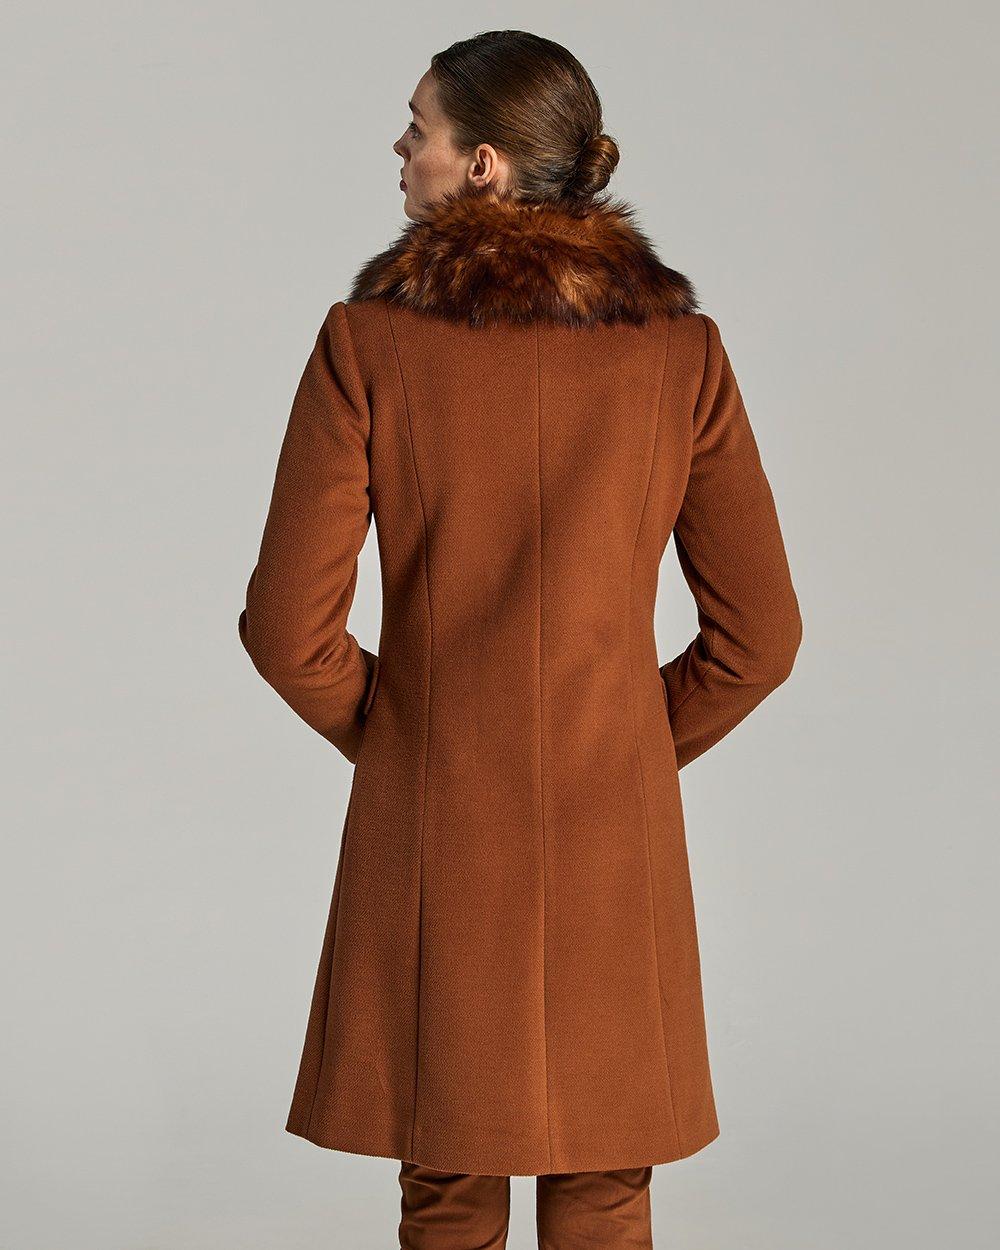 Παλτό με γούνα στο γιακά